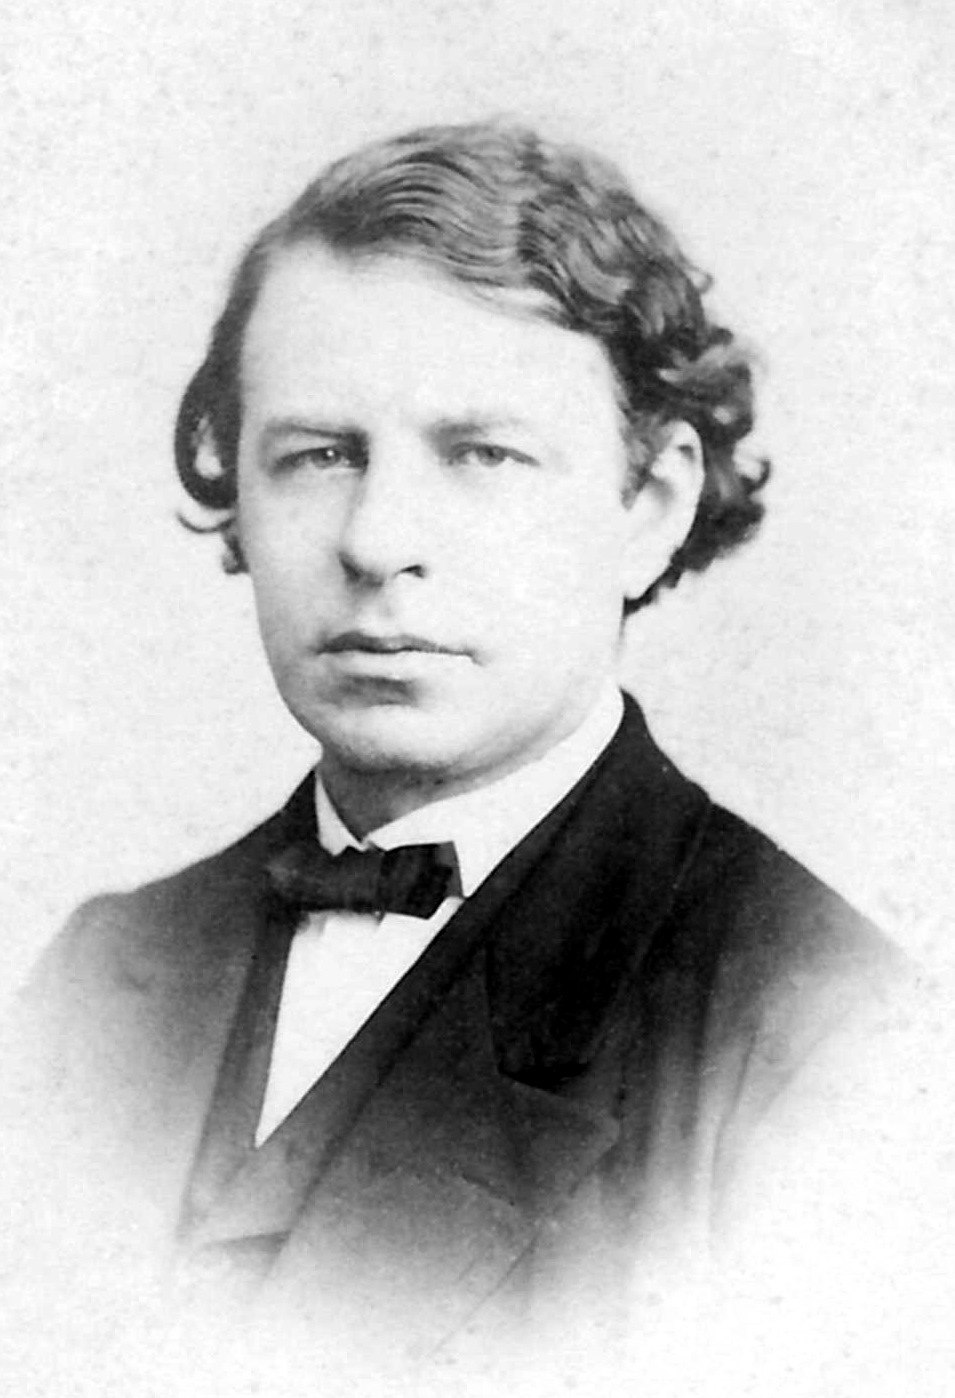 Joseph Joachim (photo by Reutlinger)